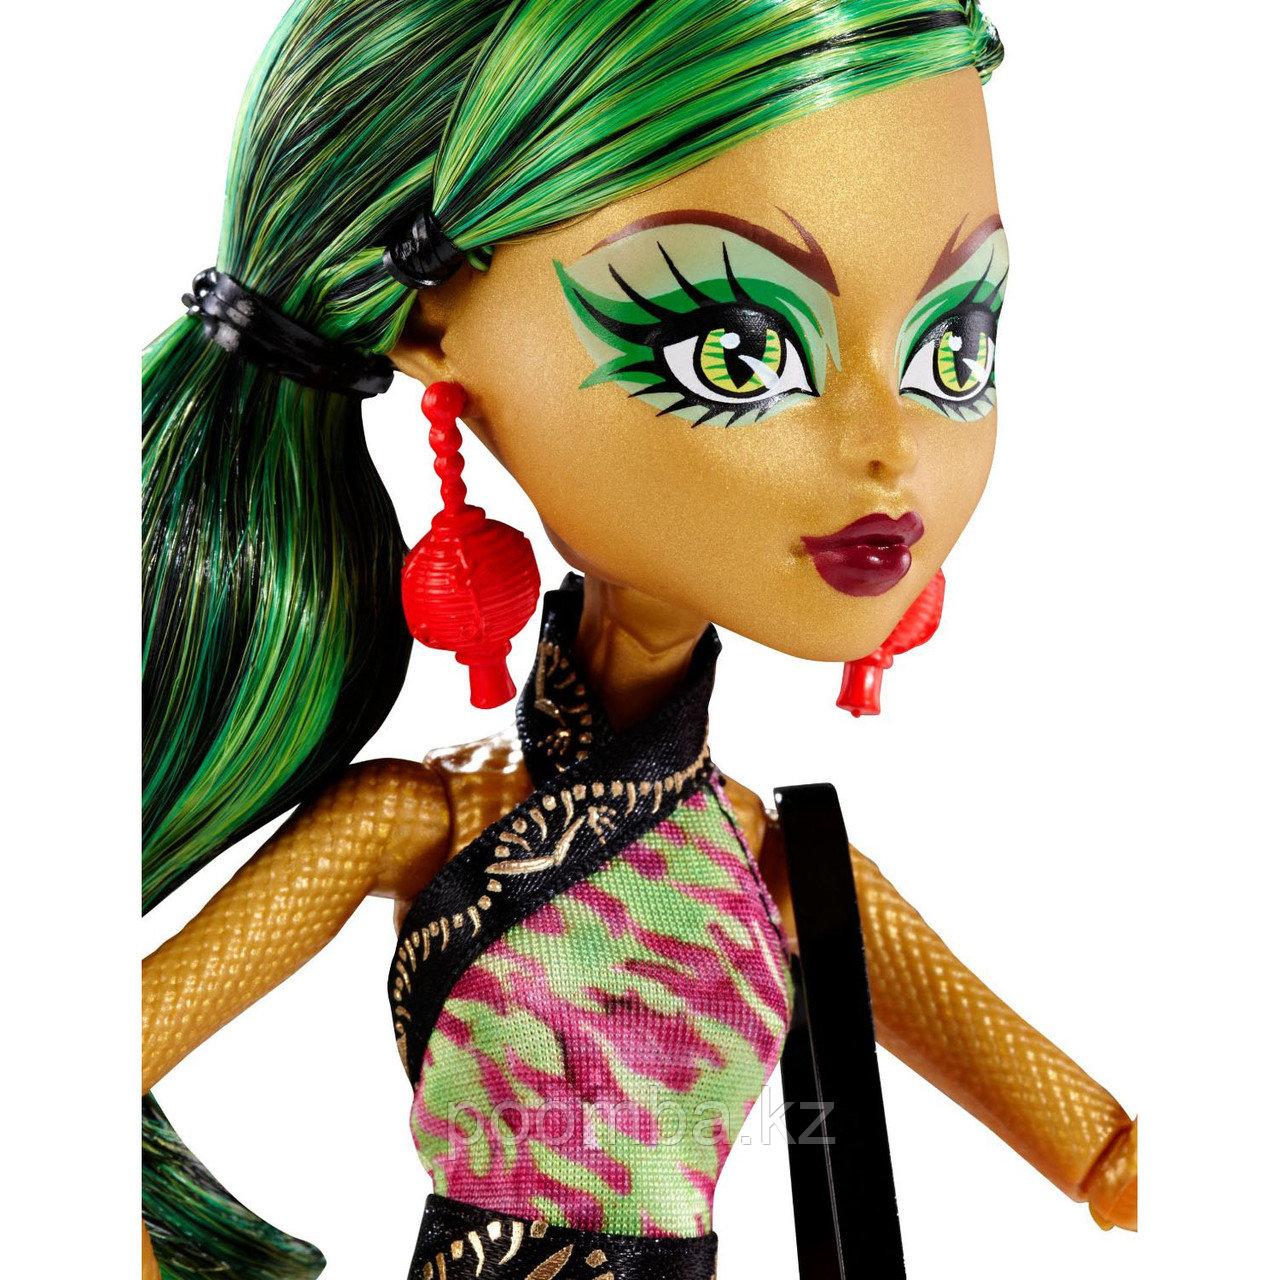 Кукла 'Джинафайр Лонг' (Jinafire Long), серия Scaremester, 'Школа Монстров', Monster High